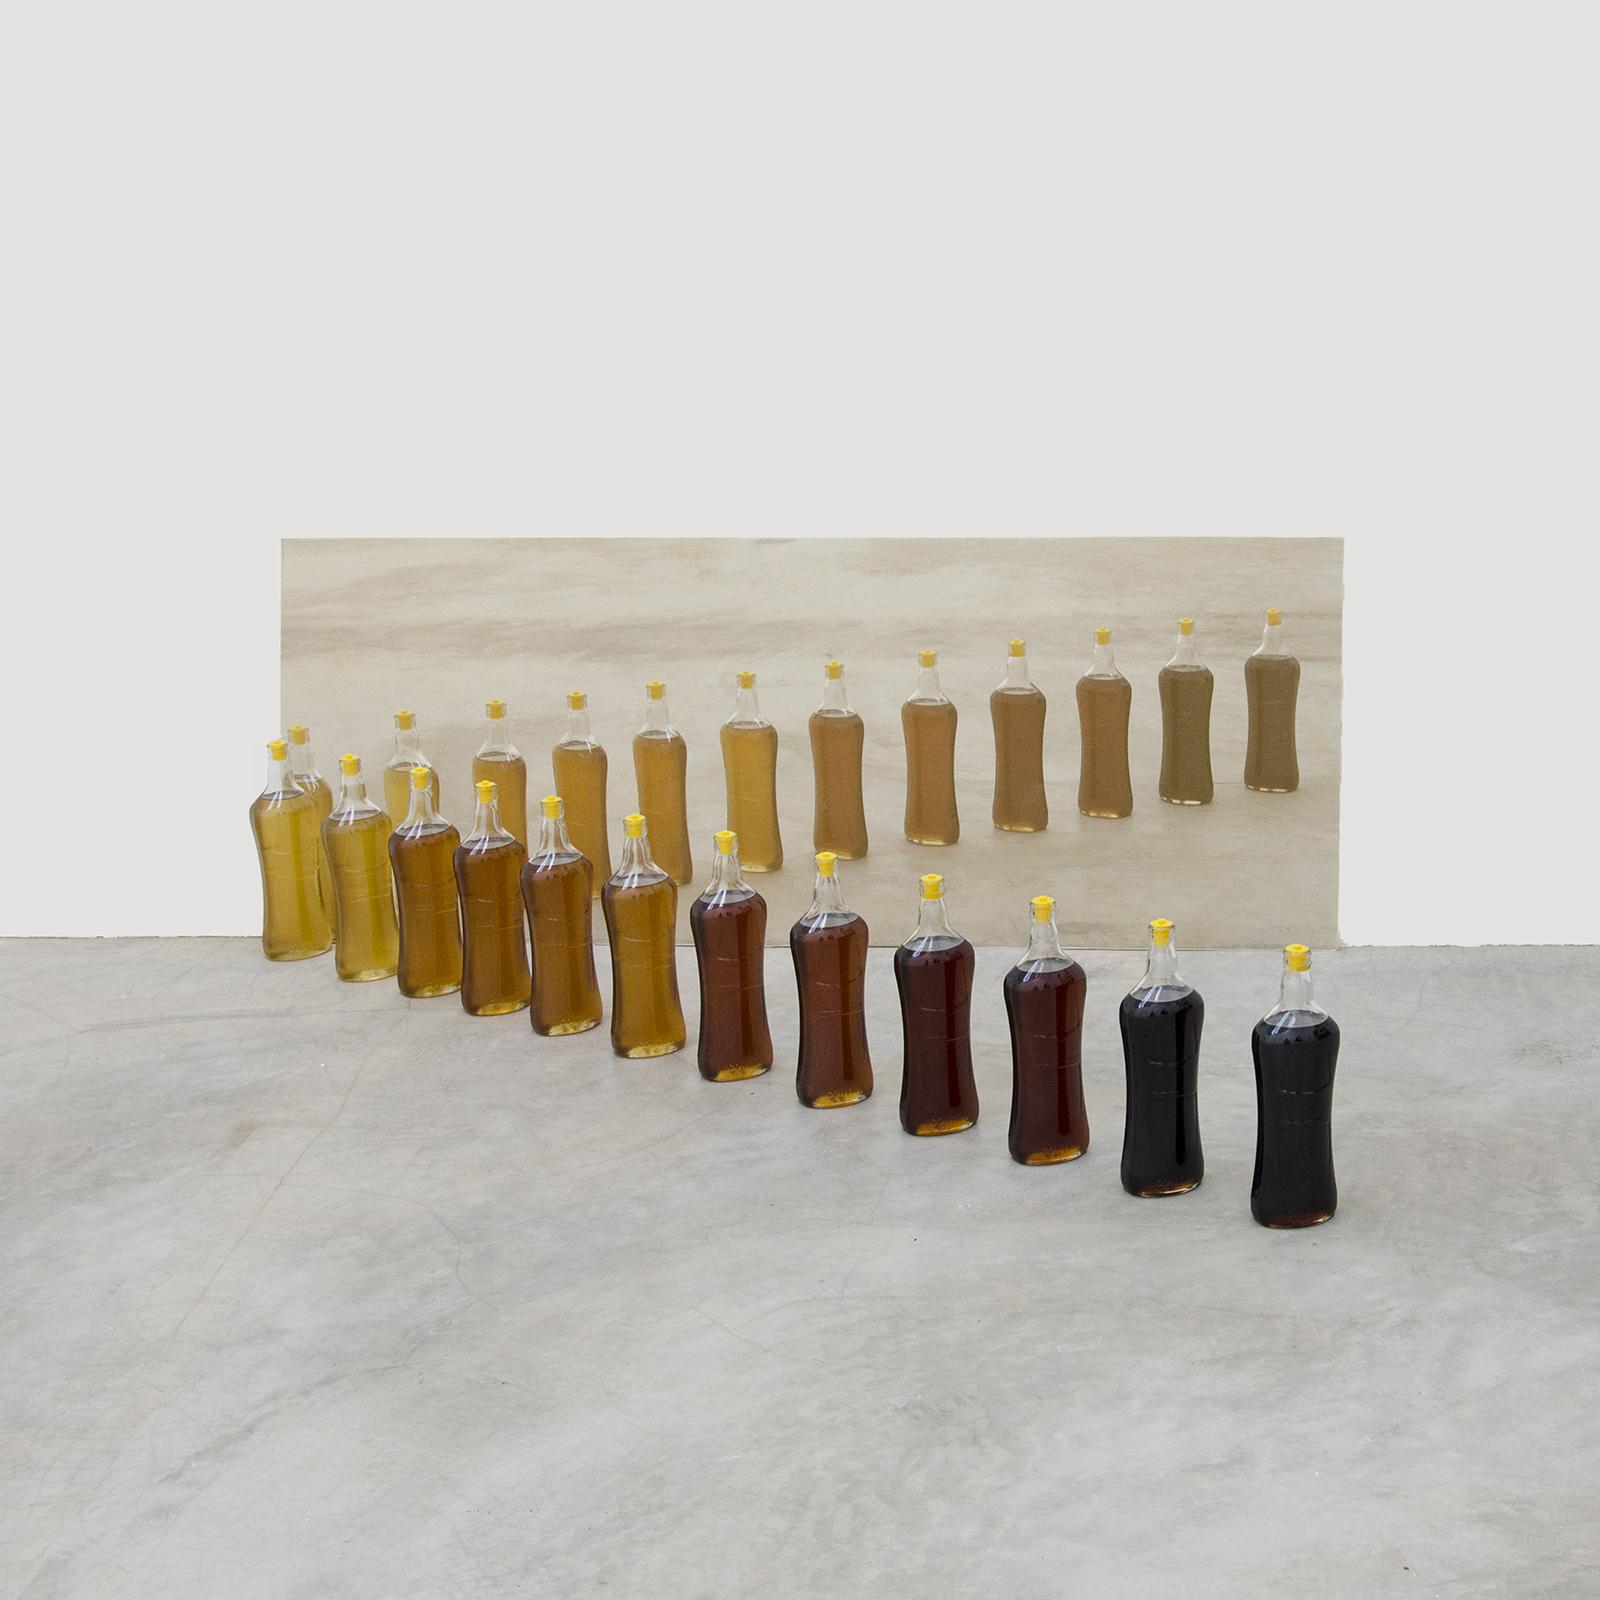 melzinho,  2019  garrafas de vidro, mel e vidro dourado  60 x 170 x 80 cm